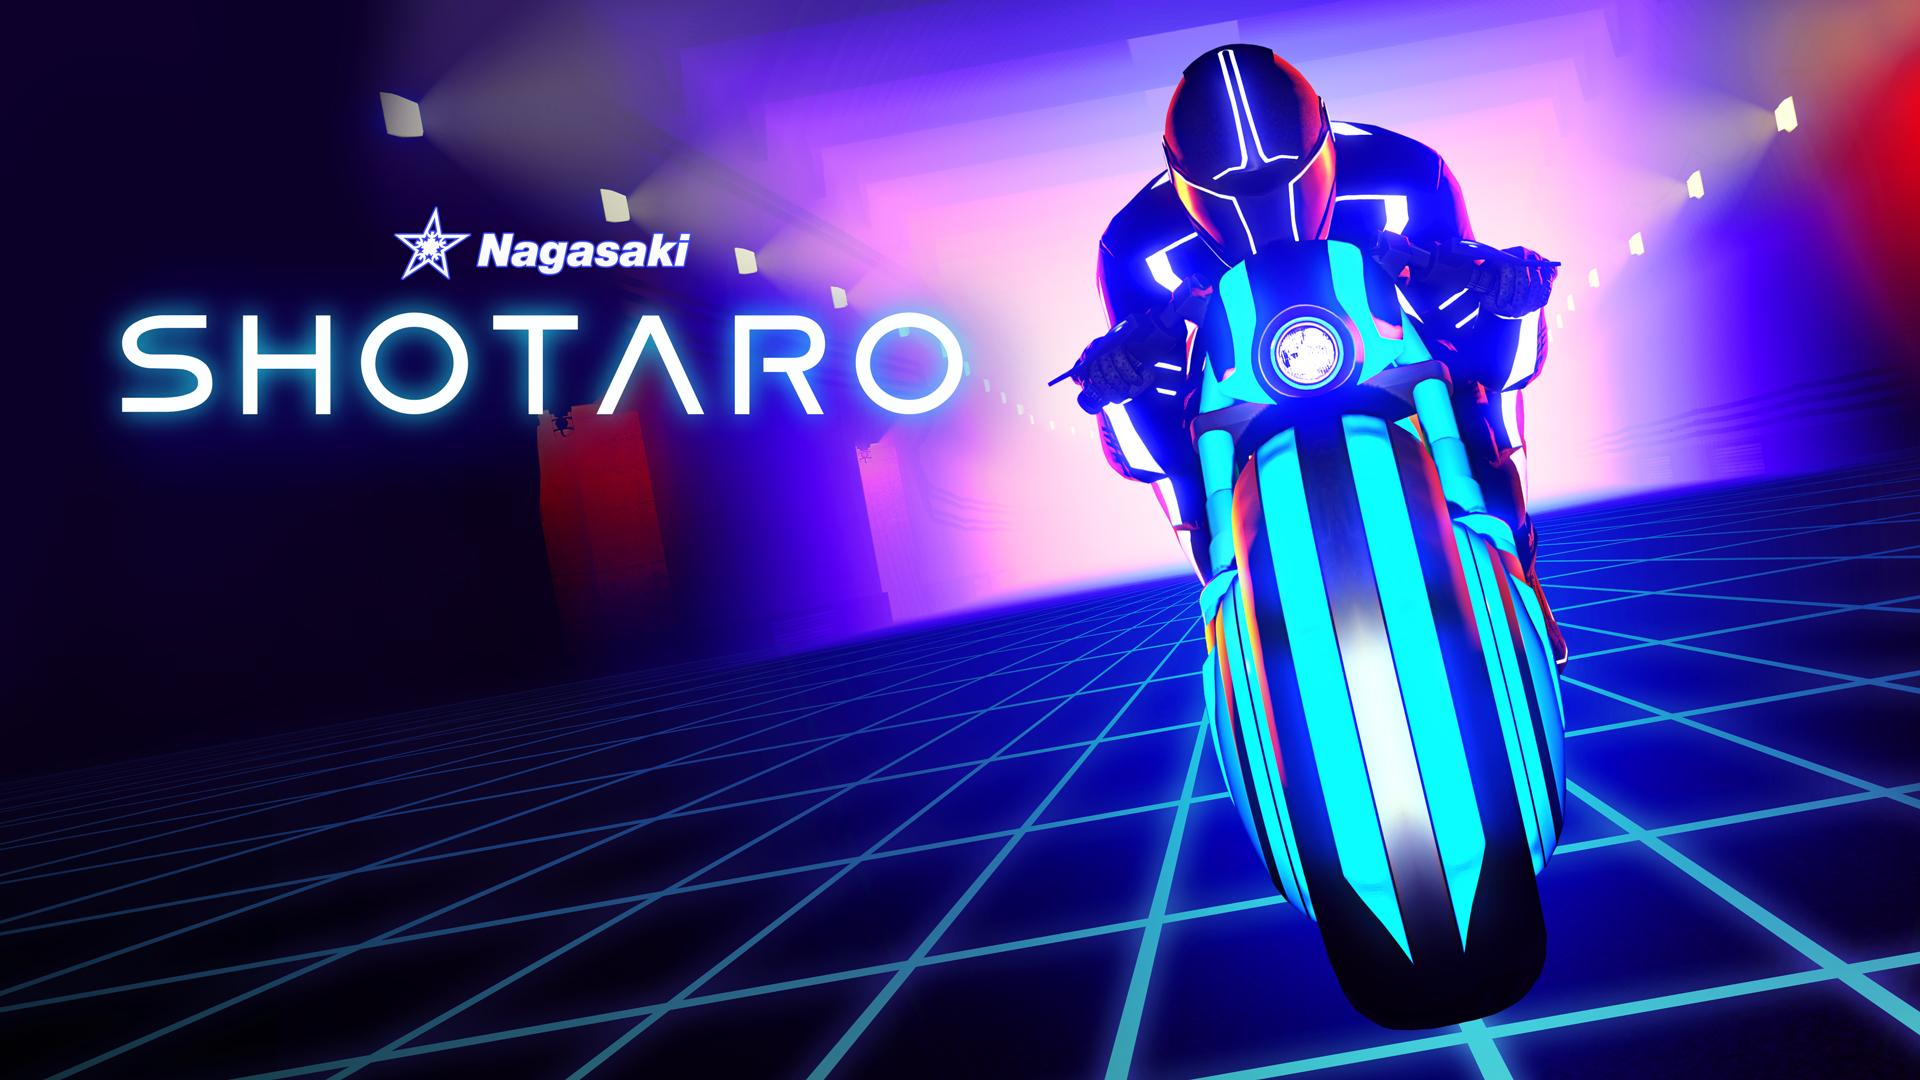 GTA Online Nagasaki Shotaro